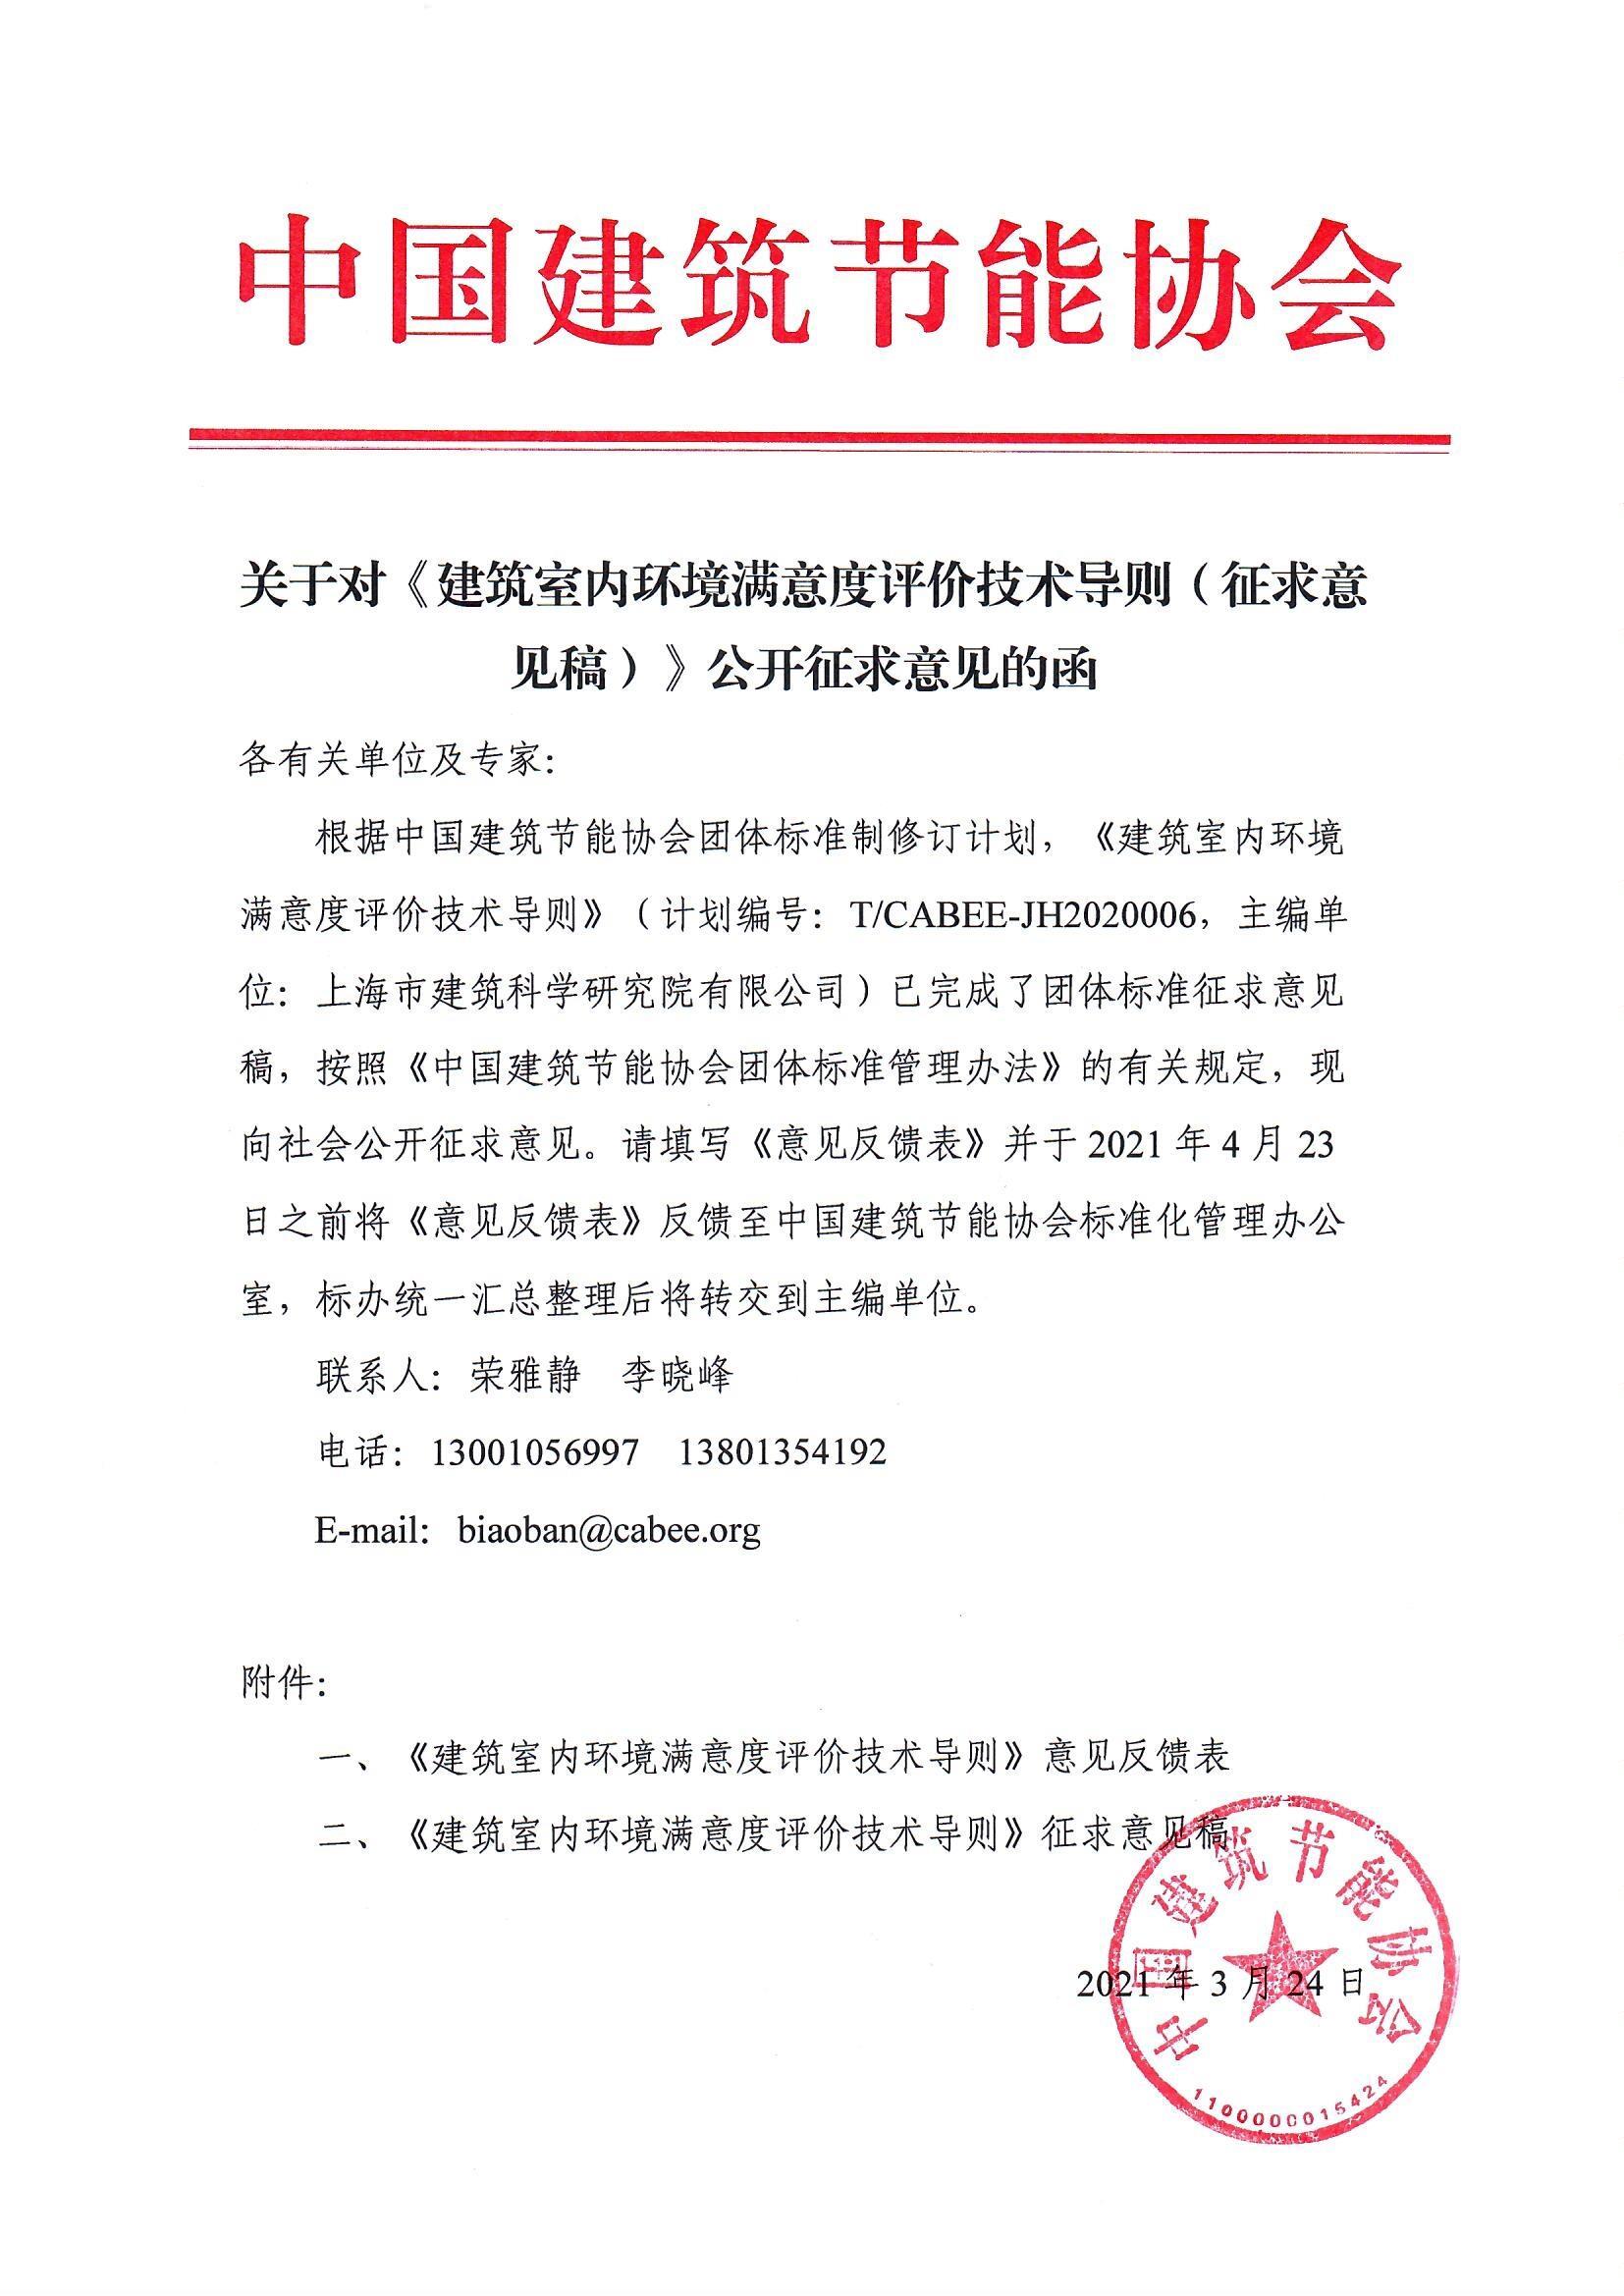 关于对《建筑室内环境满意度评价技术导则(征求意见稿)》公开征求意见的函.jpg